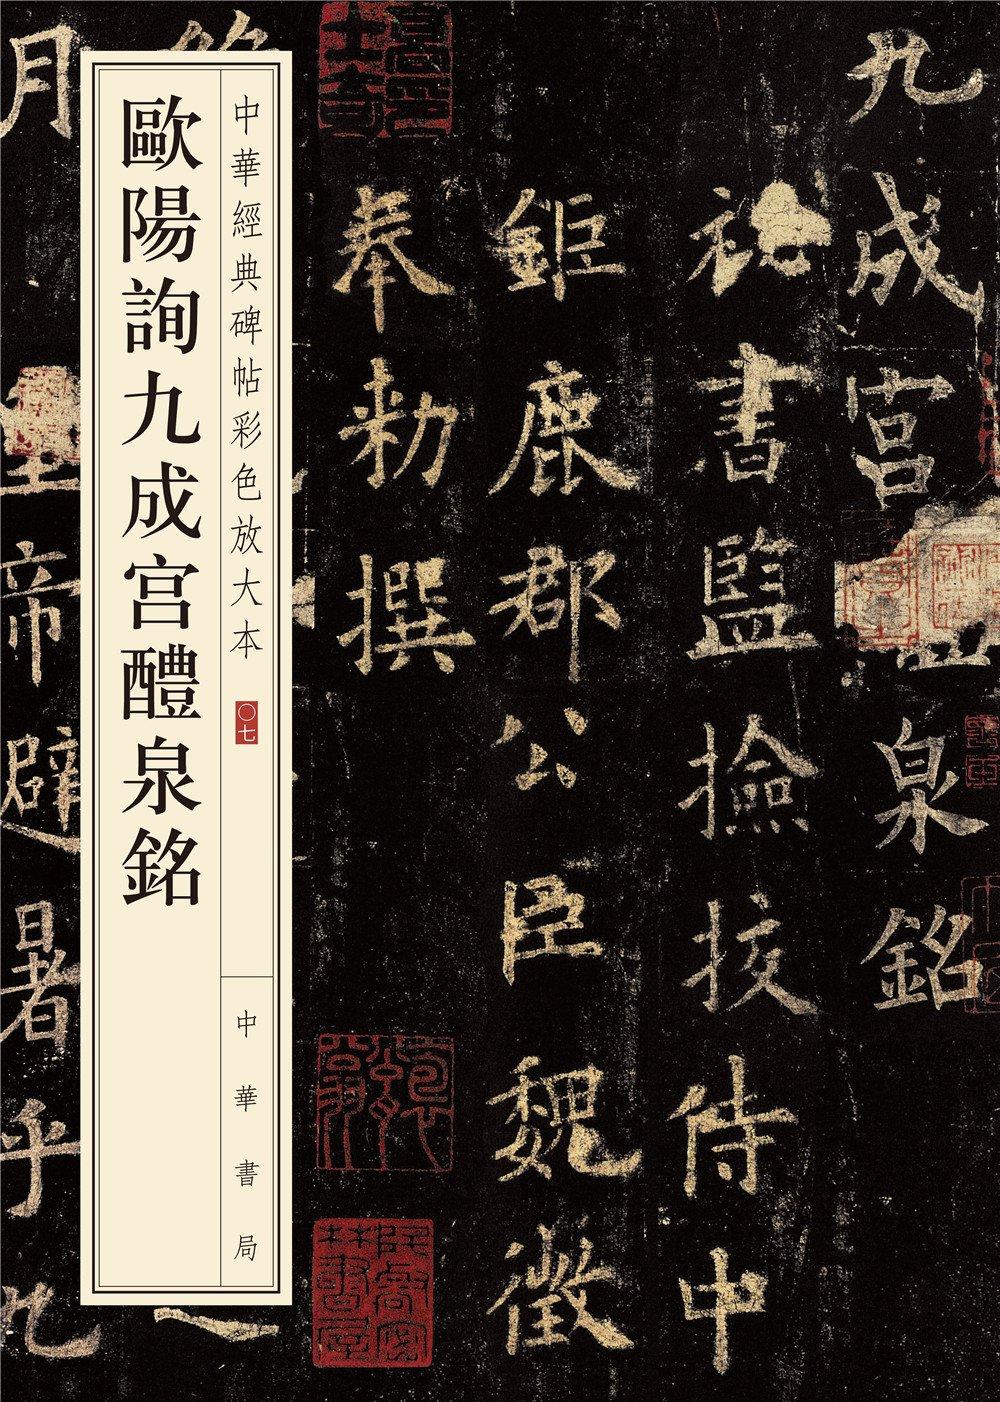 中華經典碑帖彩色放大本:歐陽詢九成宮醴泉銘